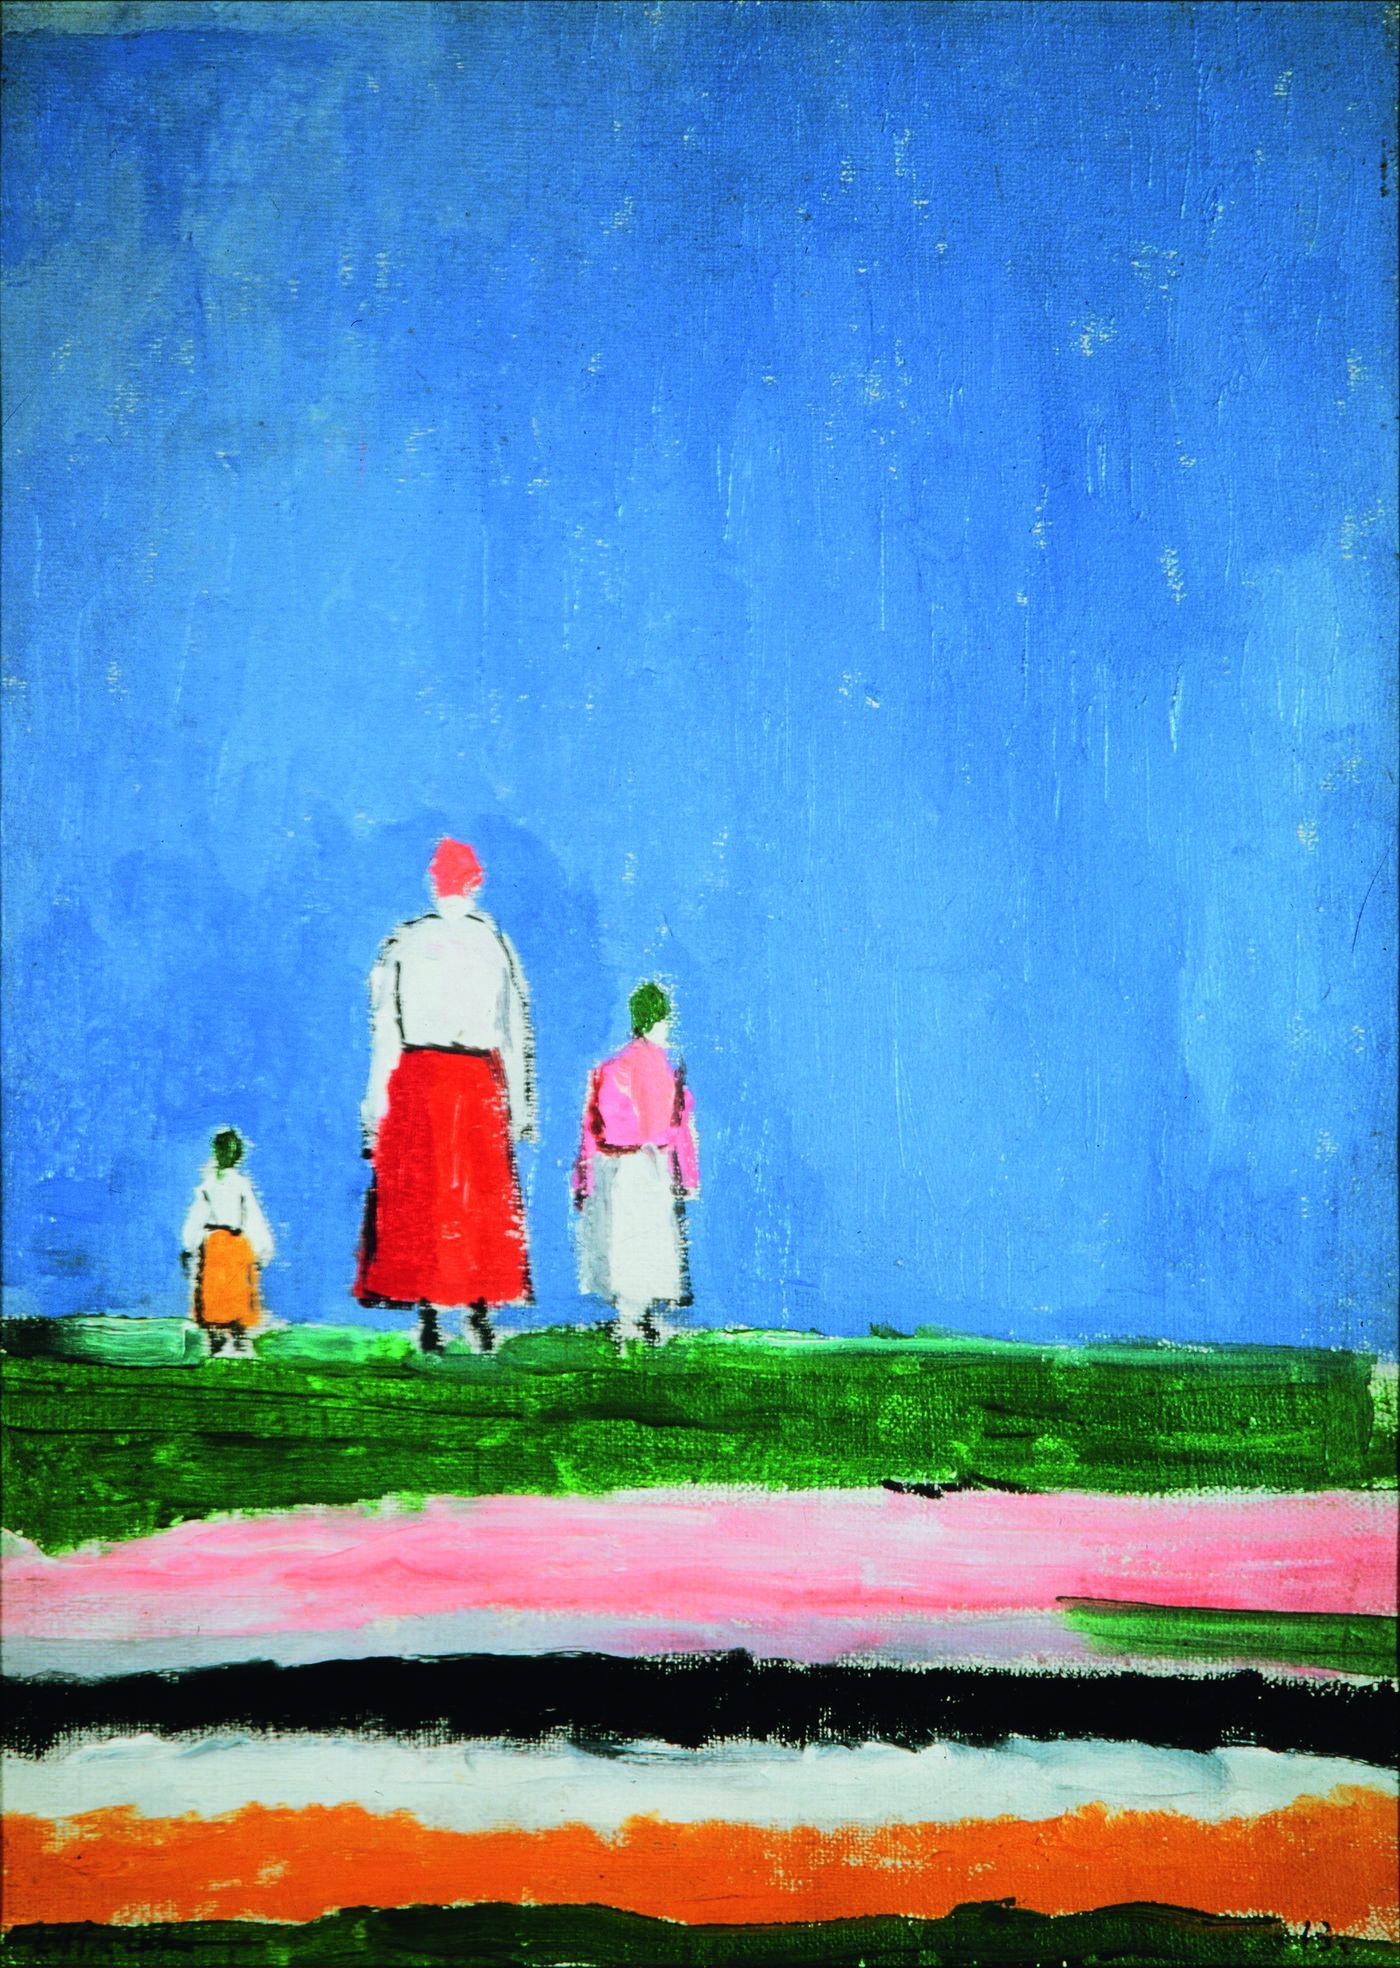 Казимир Малевич. Три фигуры в поле. 1928–1930. Холст, масло. 37 х 27 см. Собрание Валерия Дудакова и Марины Кашуро